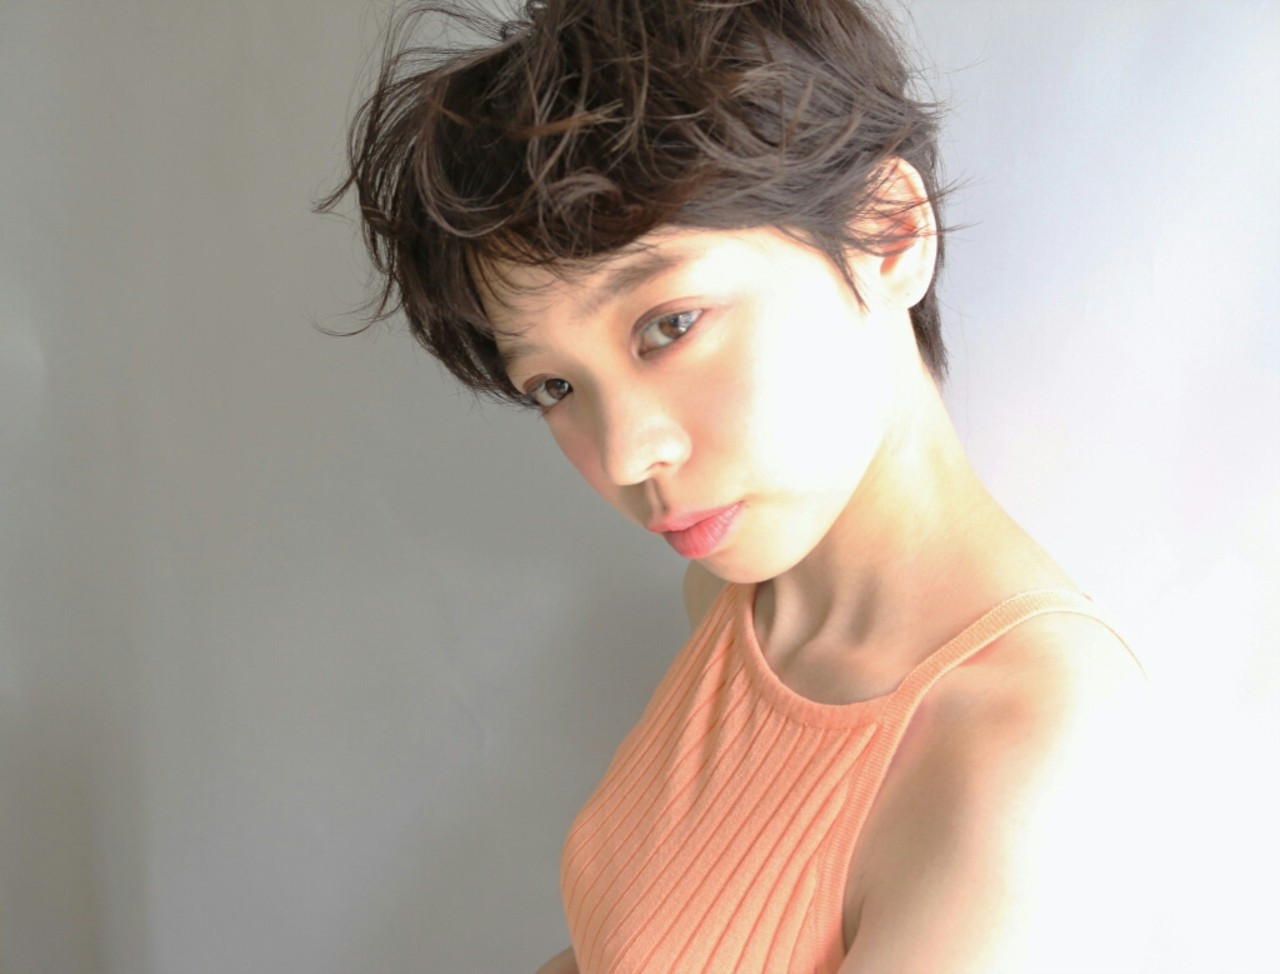 無造作が素敵な美人ベリーショート Kenji Watanabe